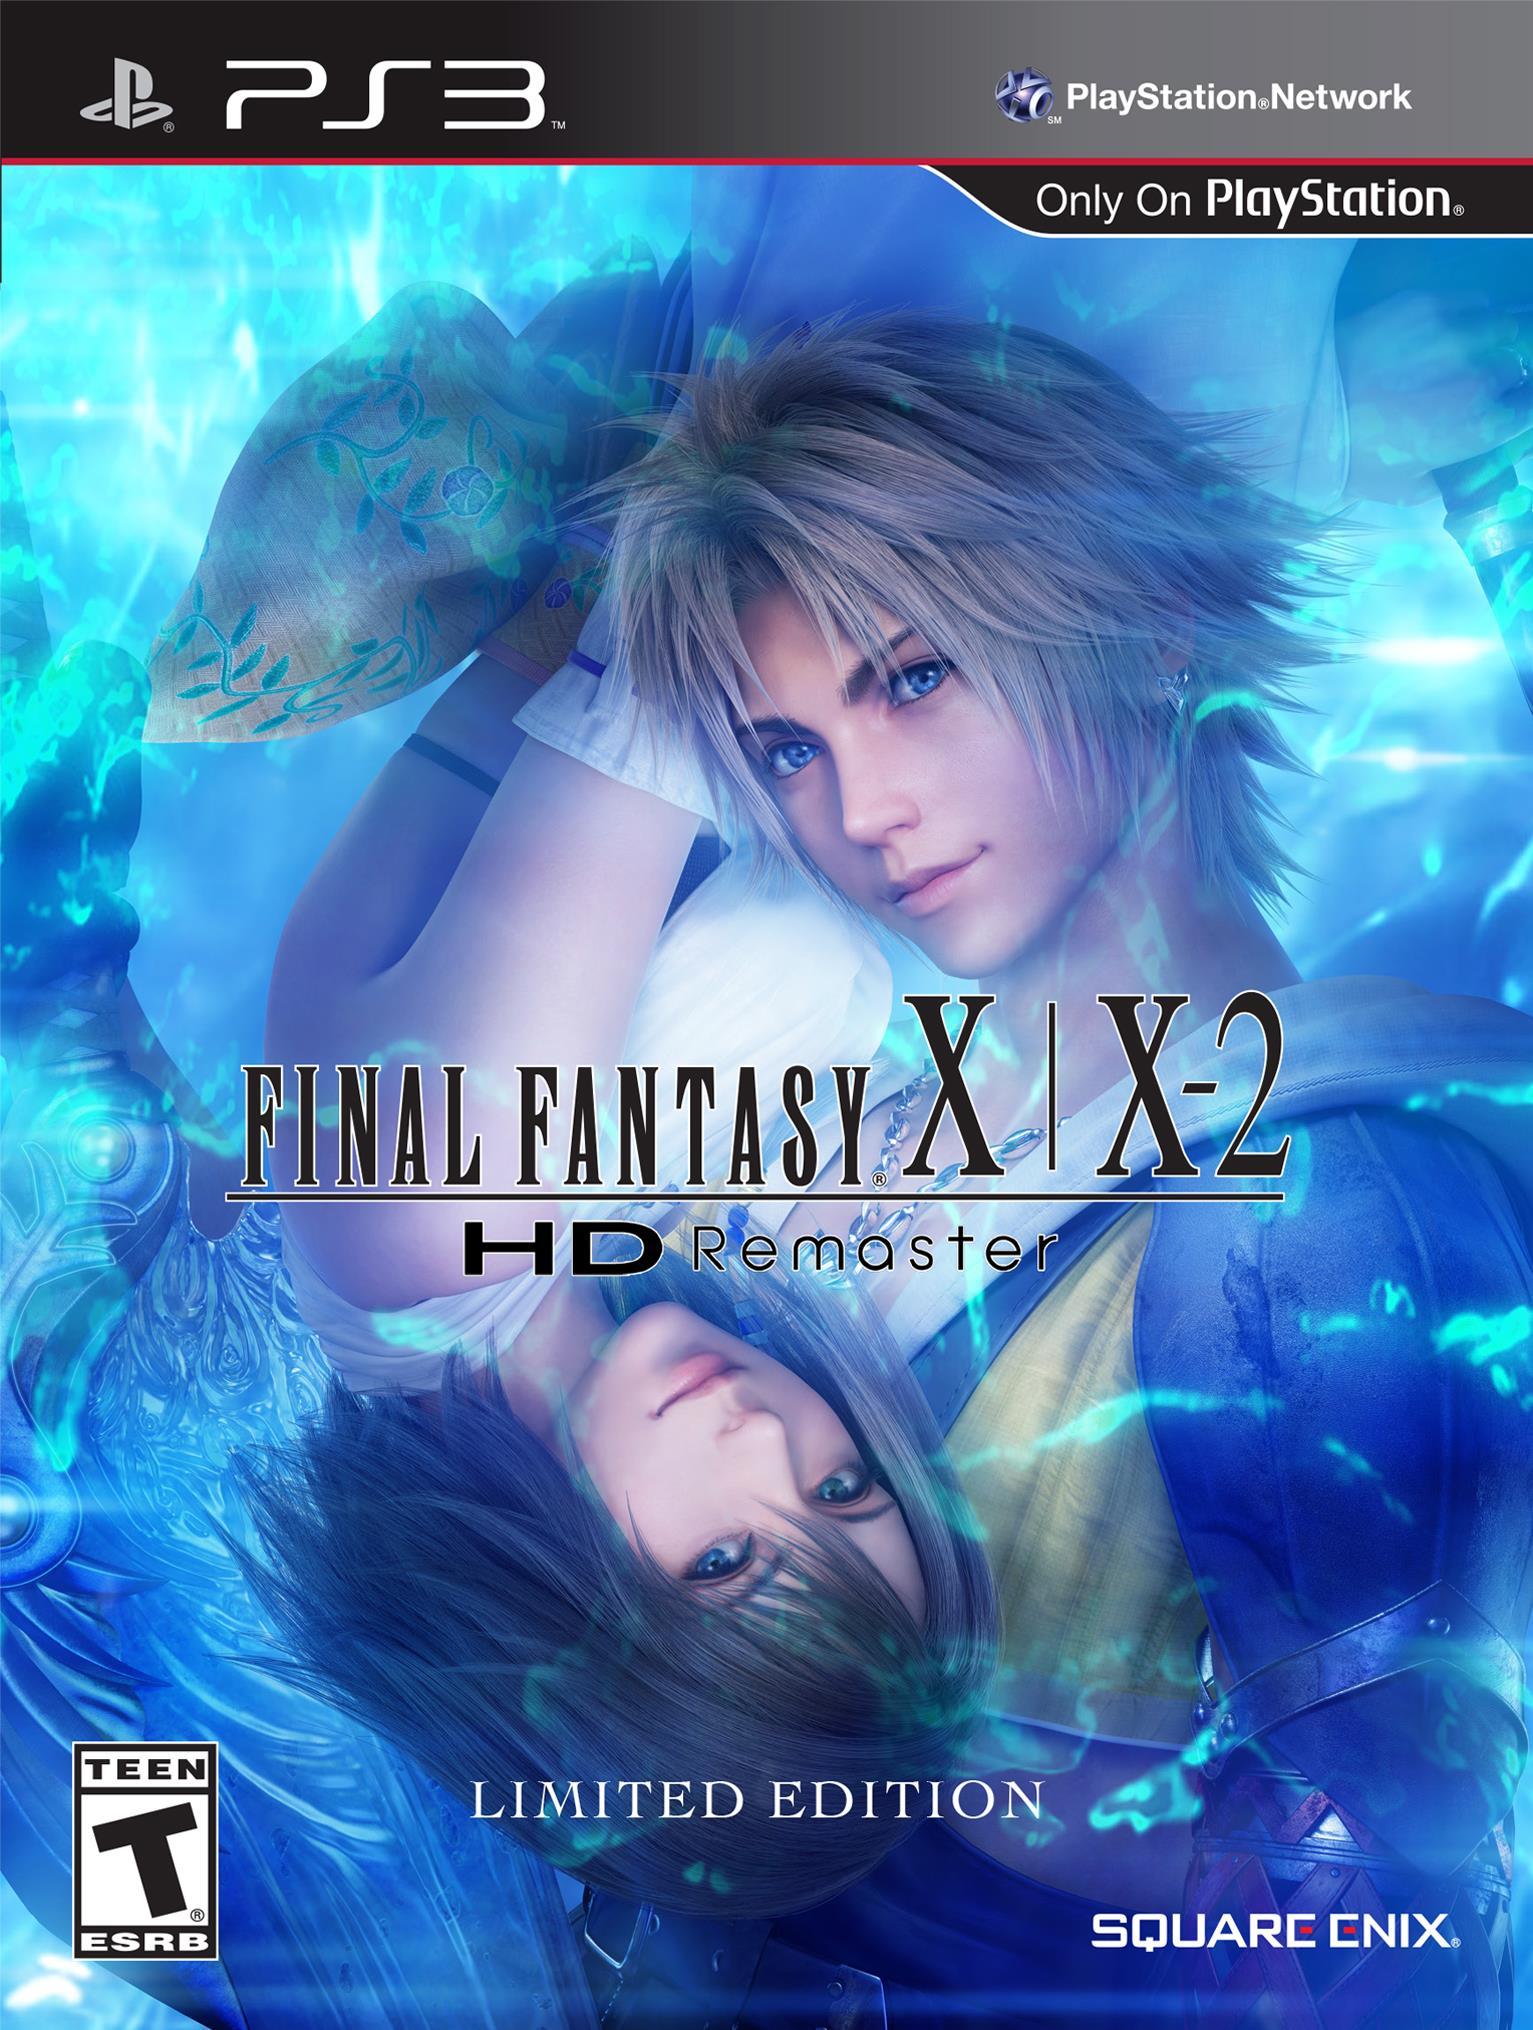 Kết quả hình ảnh cho Final Fantasy X and X-2 HD Remaster cover ps3